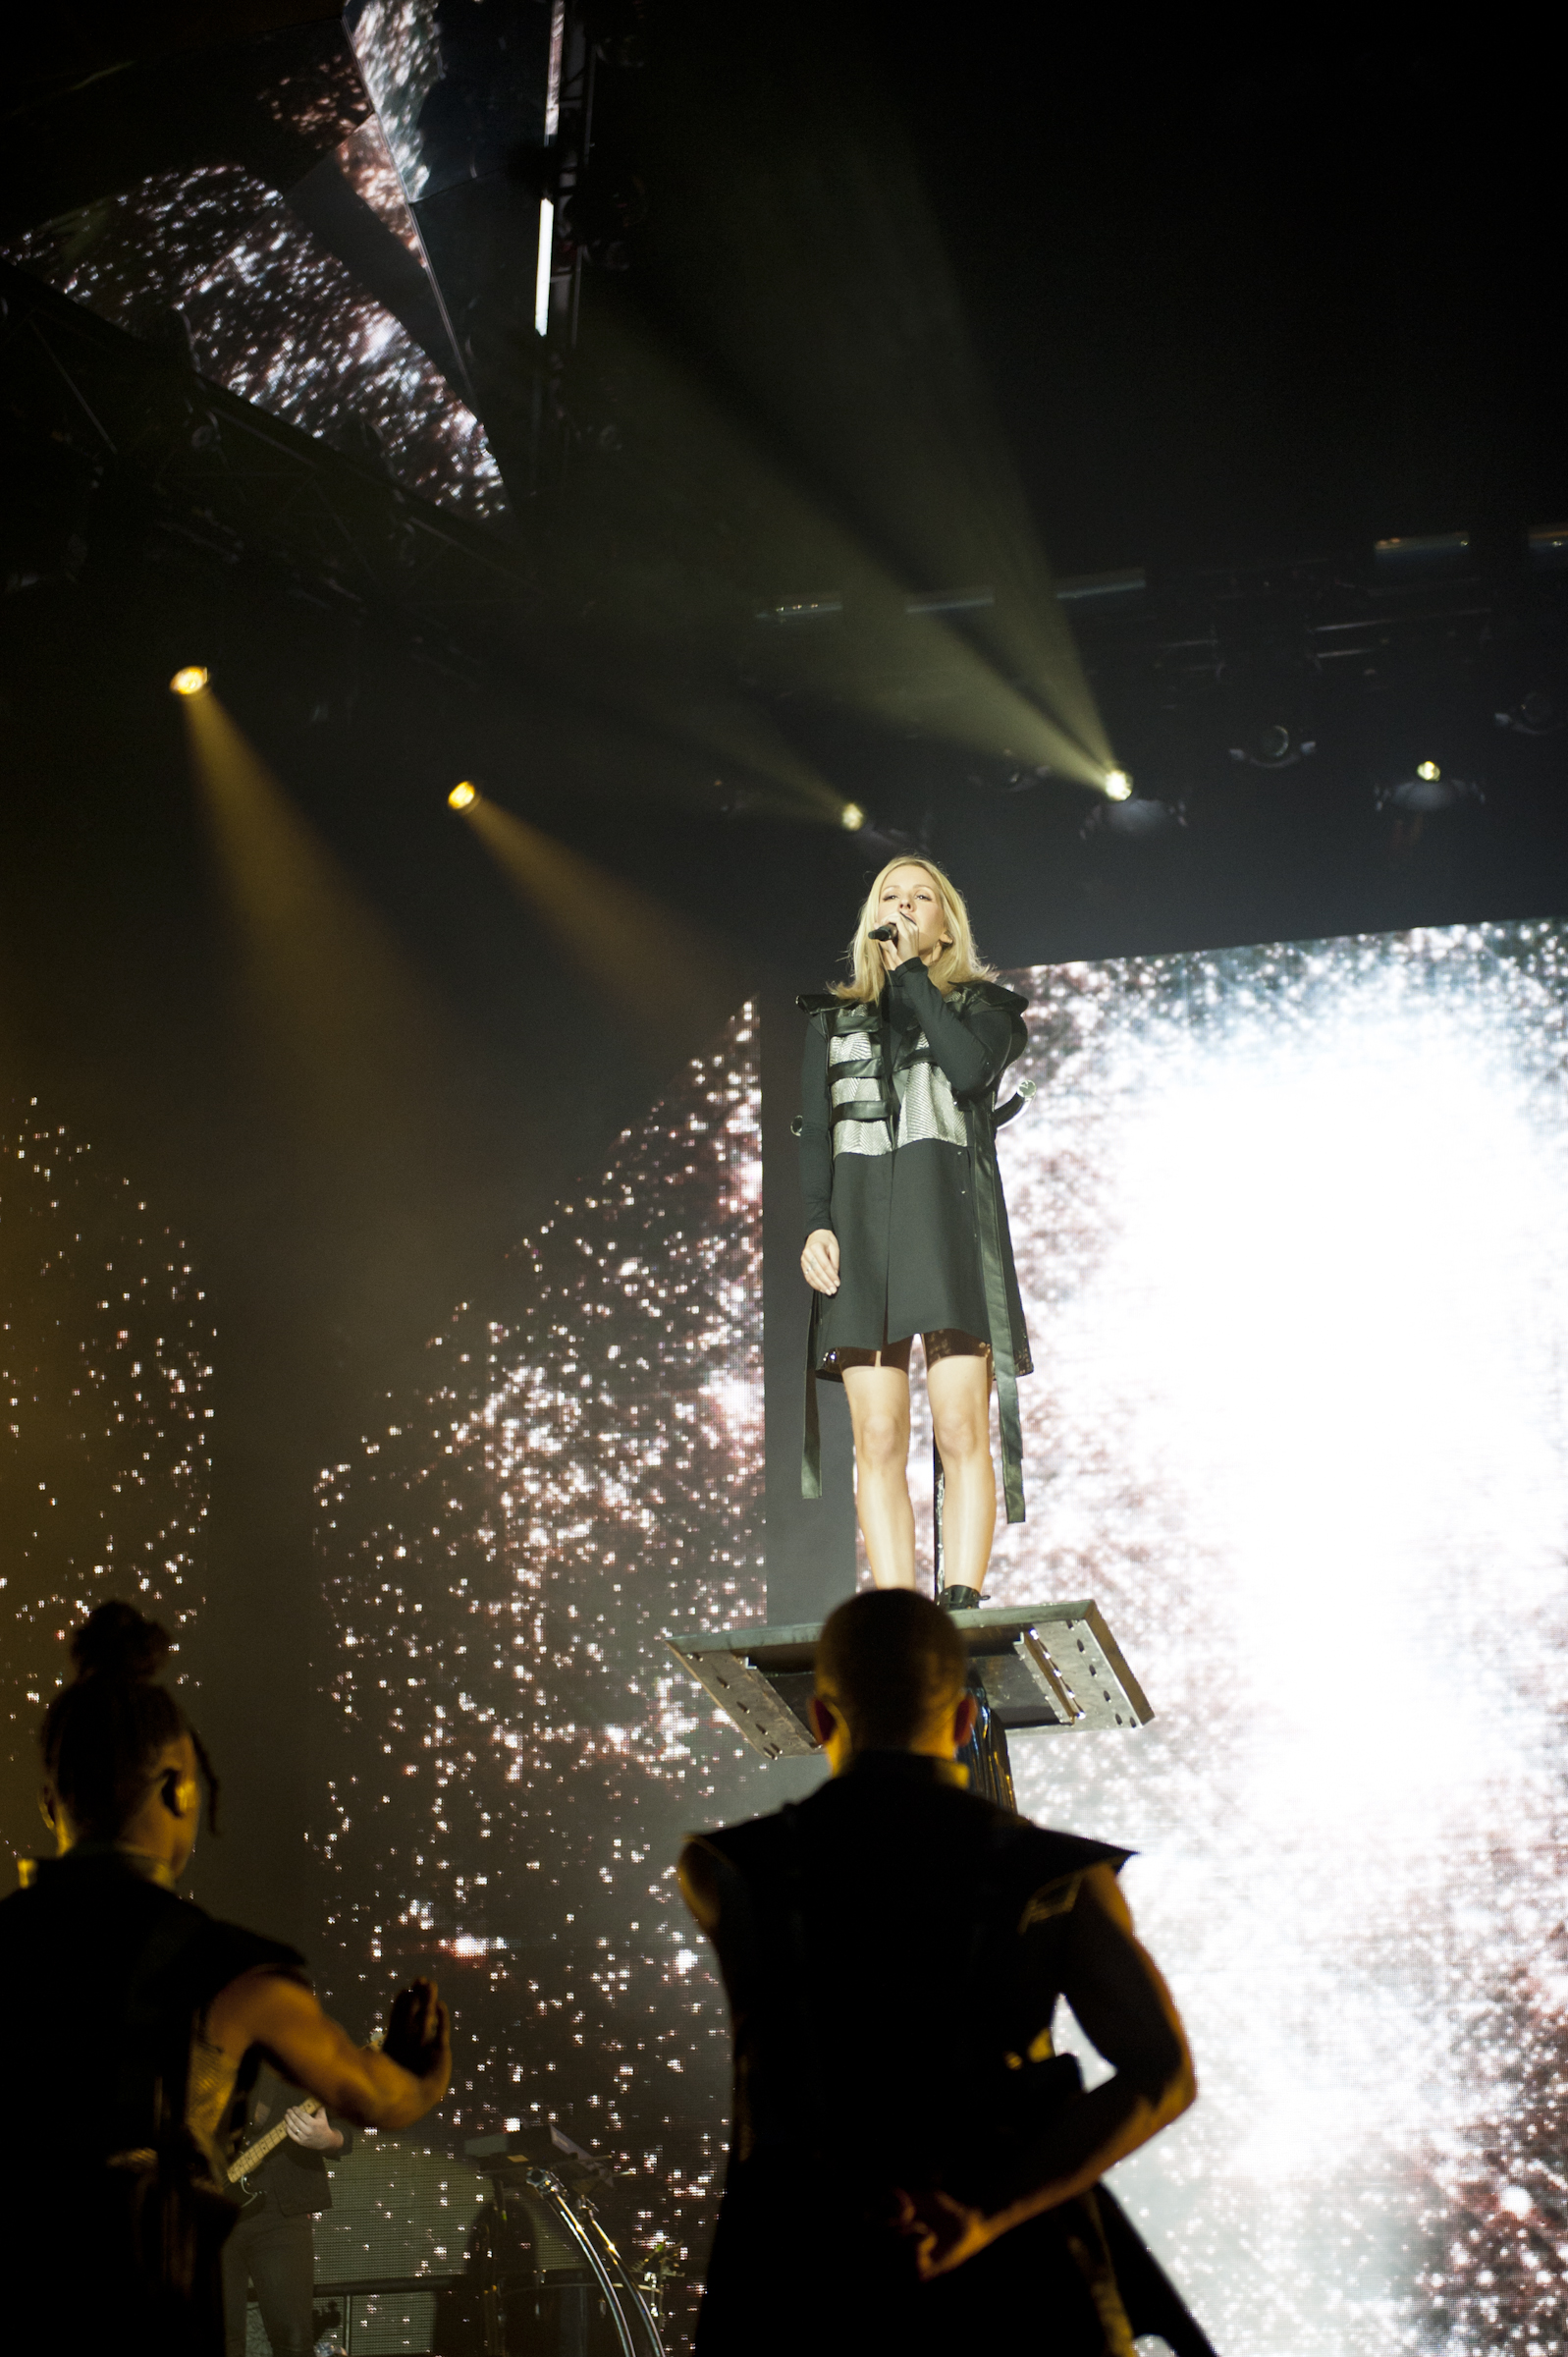 Ellie Goulding @ Sportpaleis Antwerpen 2016 (Daria Colaes)